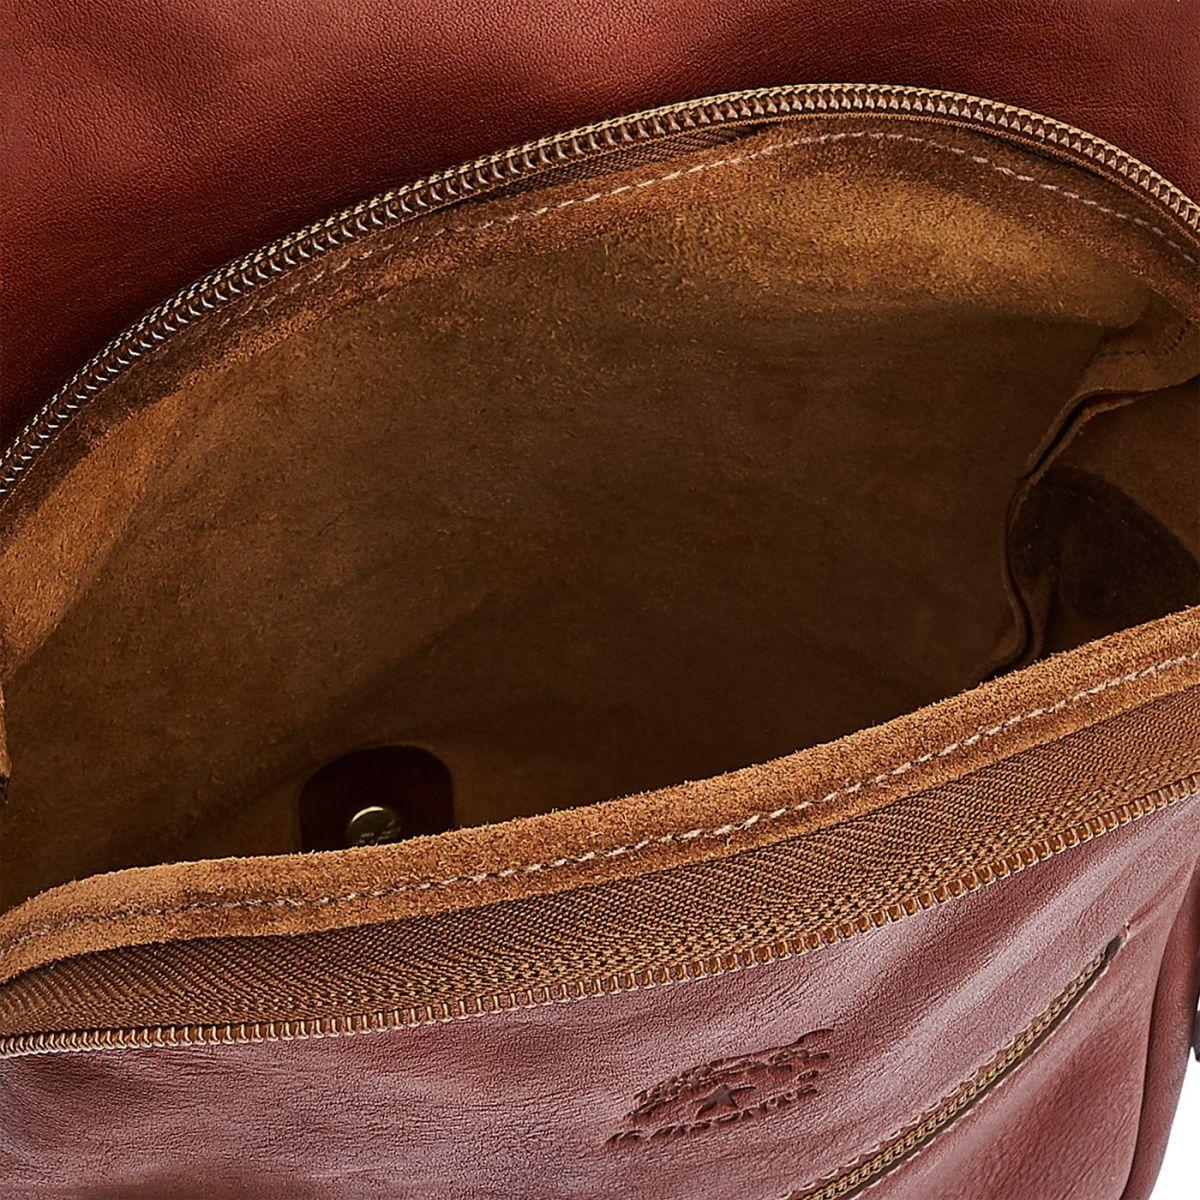 Sac A Dos pour Homme en Cuir De Vachette Vintage BBA005 couleur Brun Foncé Seppia | Details